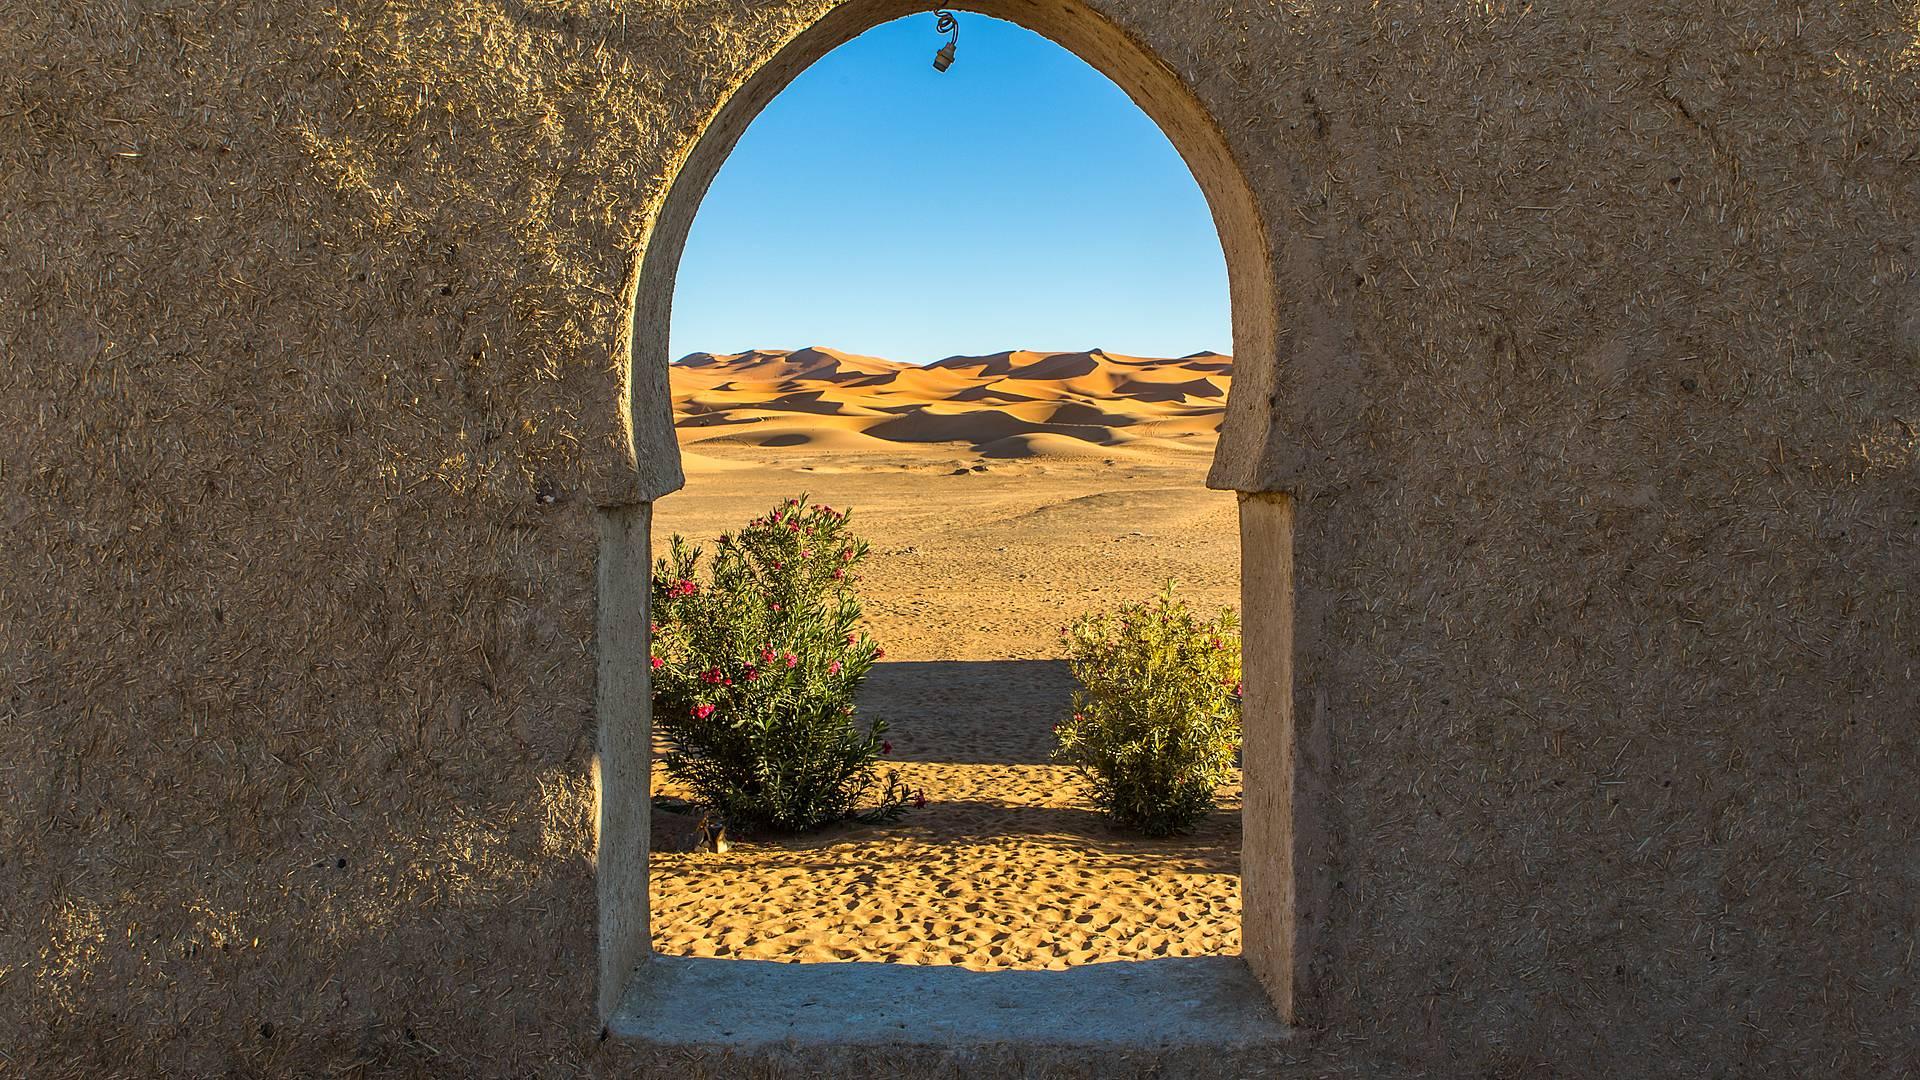 Un assaggio del magico Sud tra kasbah e deserti